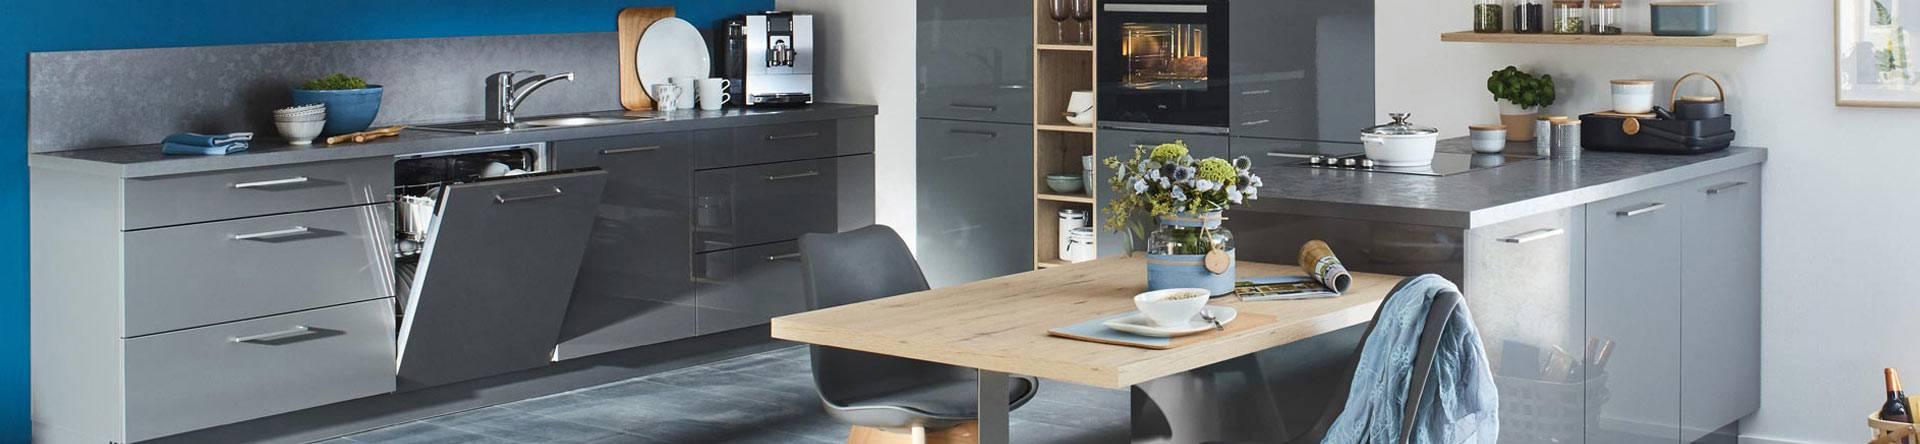 Full Size of Miniküche Roller Regale Stengel Ikea Mit Kühlschrank Wohnzimmer Miniküche Roller